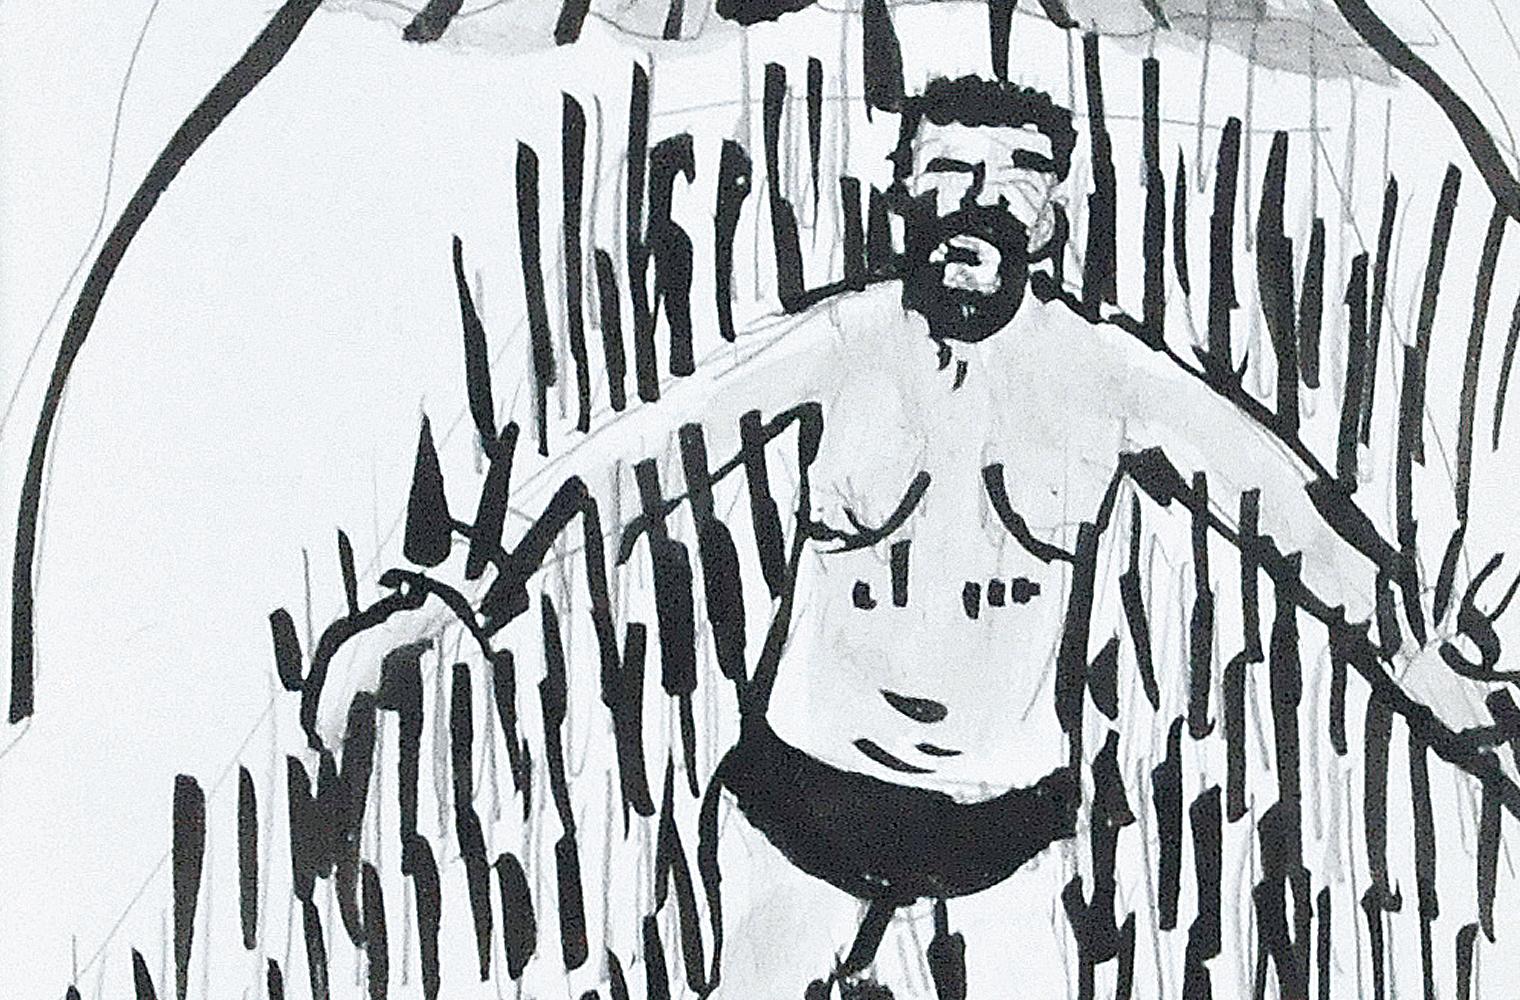 Die Schwarz-Weiß-Zeichnung zeigt einen bärtigen Mann. Er ist umgeben von vielen schwarzen Strichen, die wie Stacheln wirken.